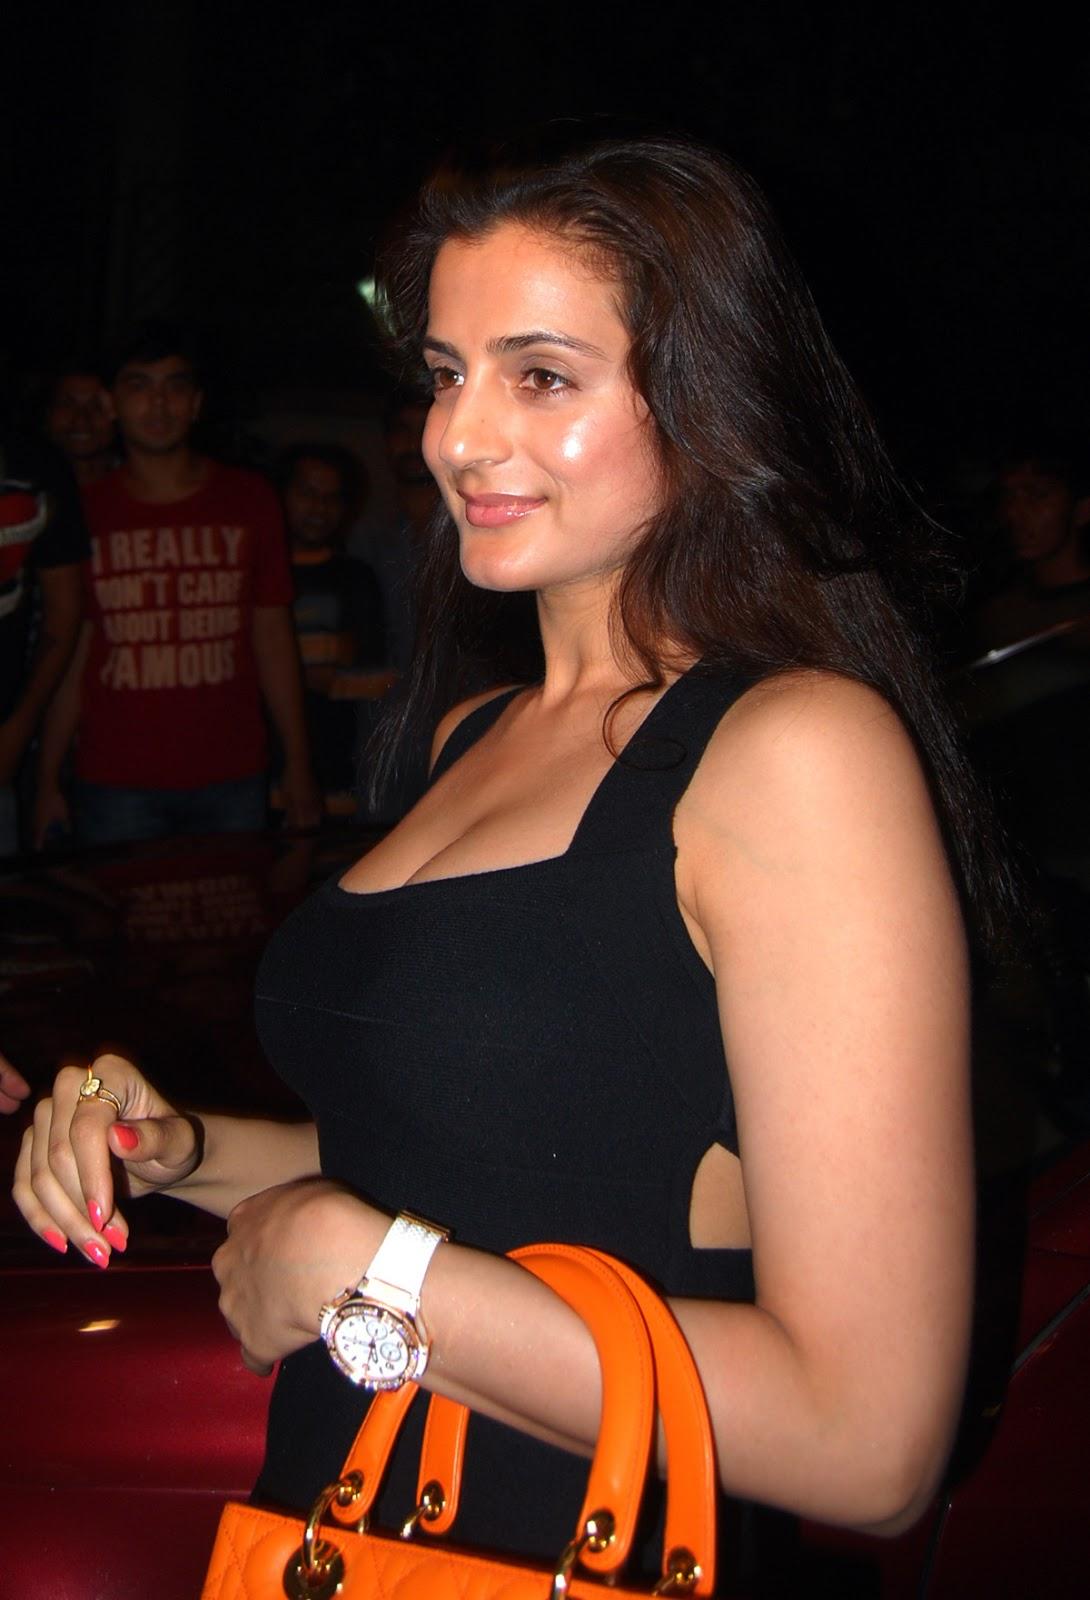 Divya dutta boobs wardrobe malfuction desi gand signup free at wwwdesiflimsxyz - 2 8